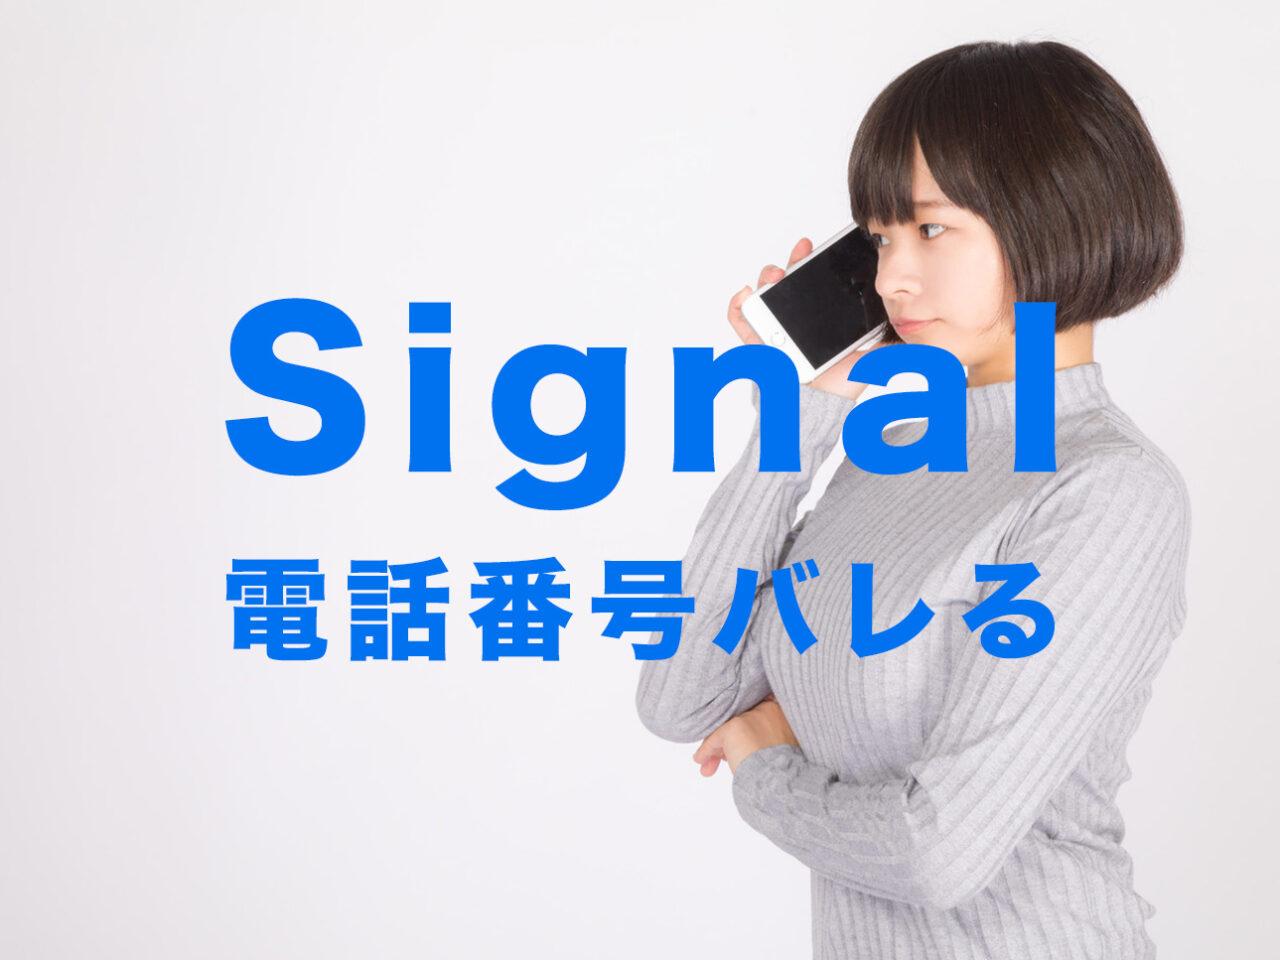 Signal(シグナル)は電話番号はバレる?相手にわかる?【メッセージアプリ】のサムネイル画像